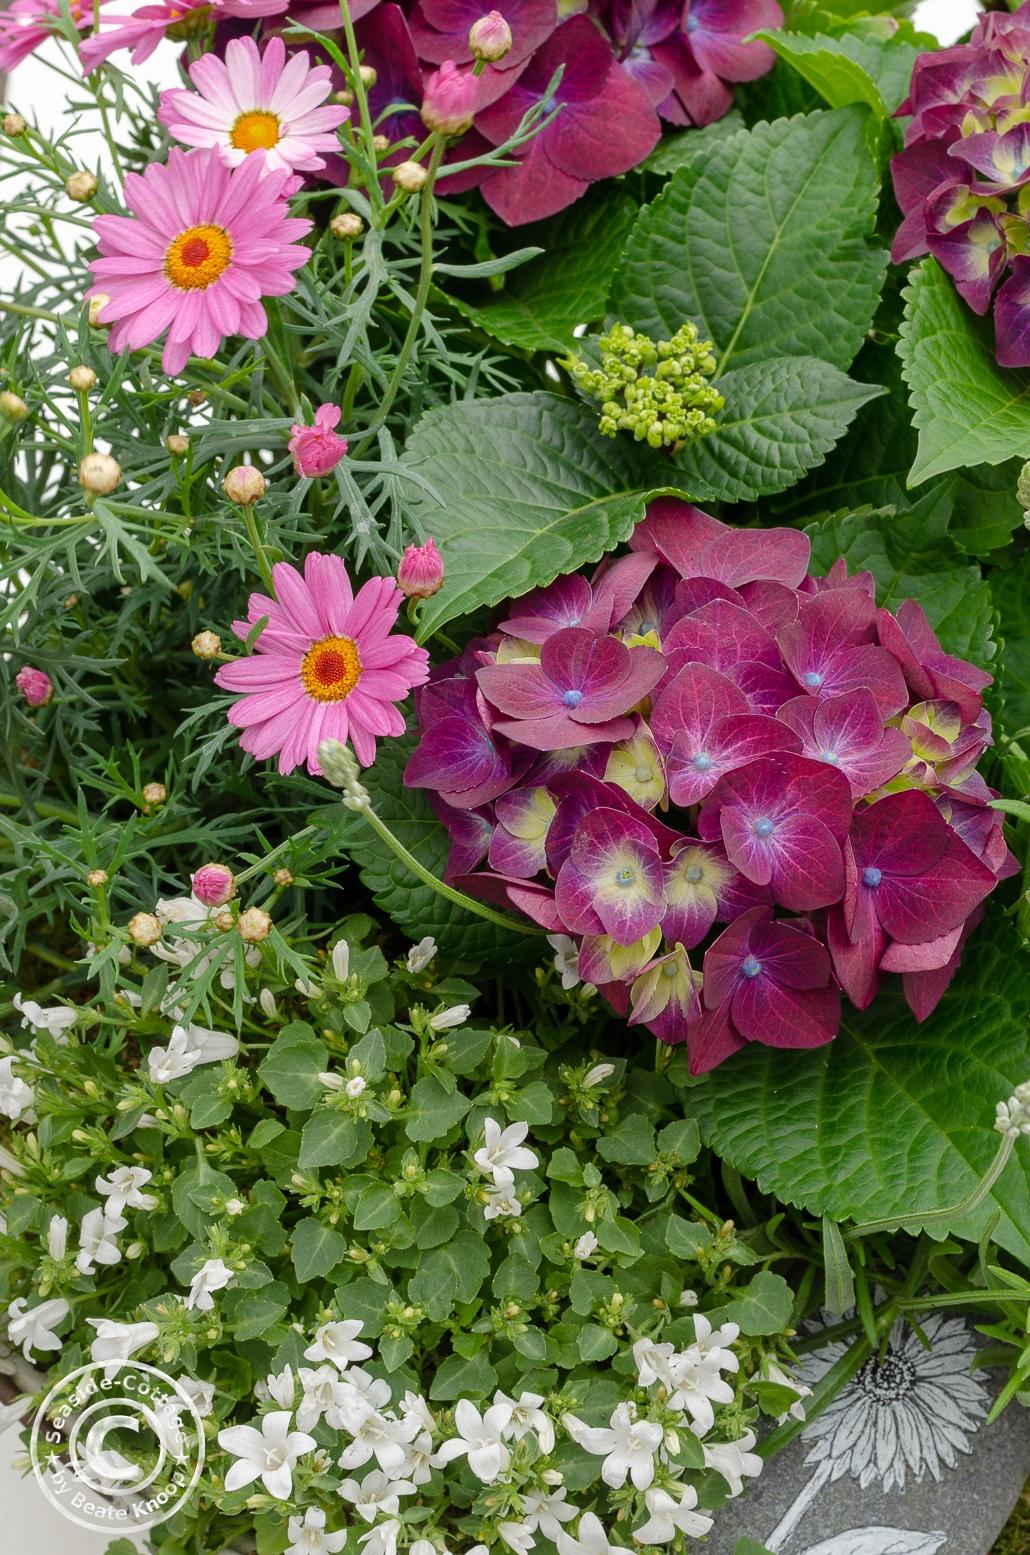 Sommerblumen Hortensie, Margerite, Glockenblumen, Lavendel